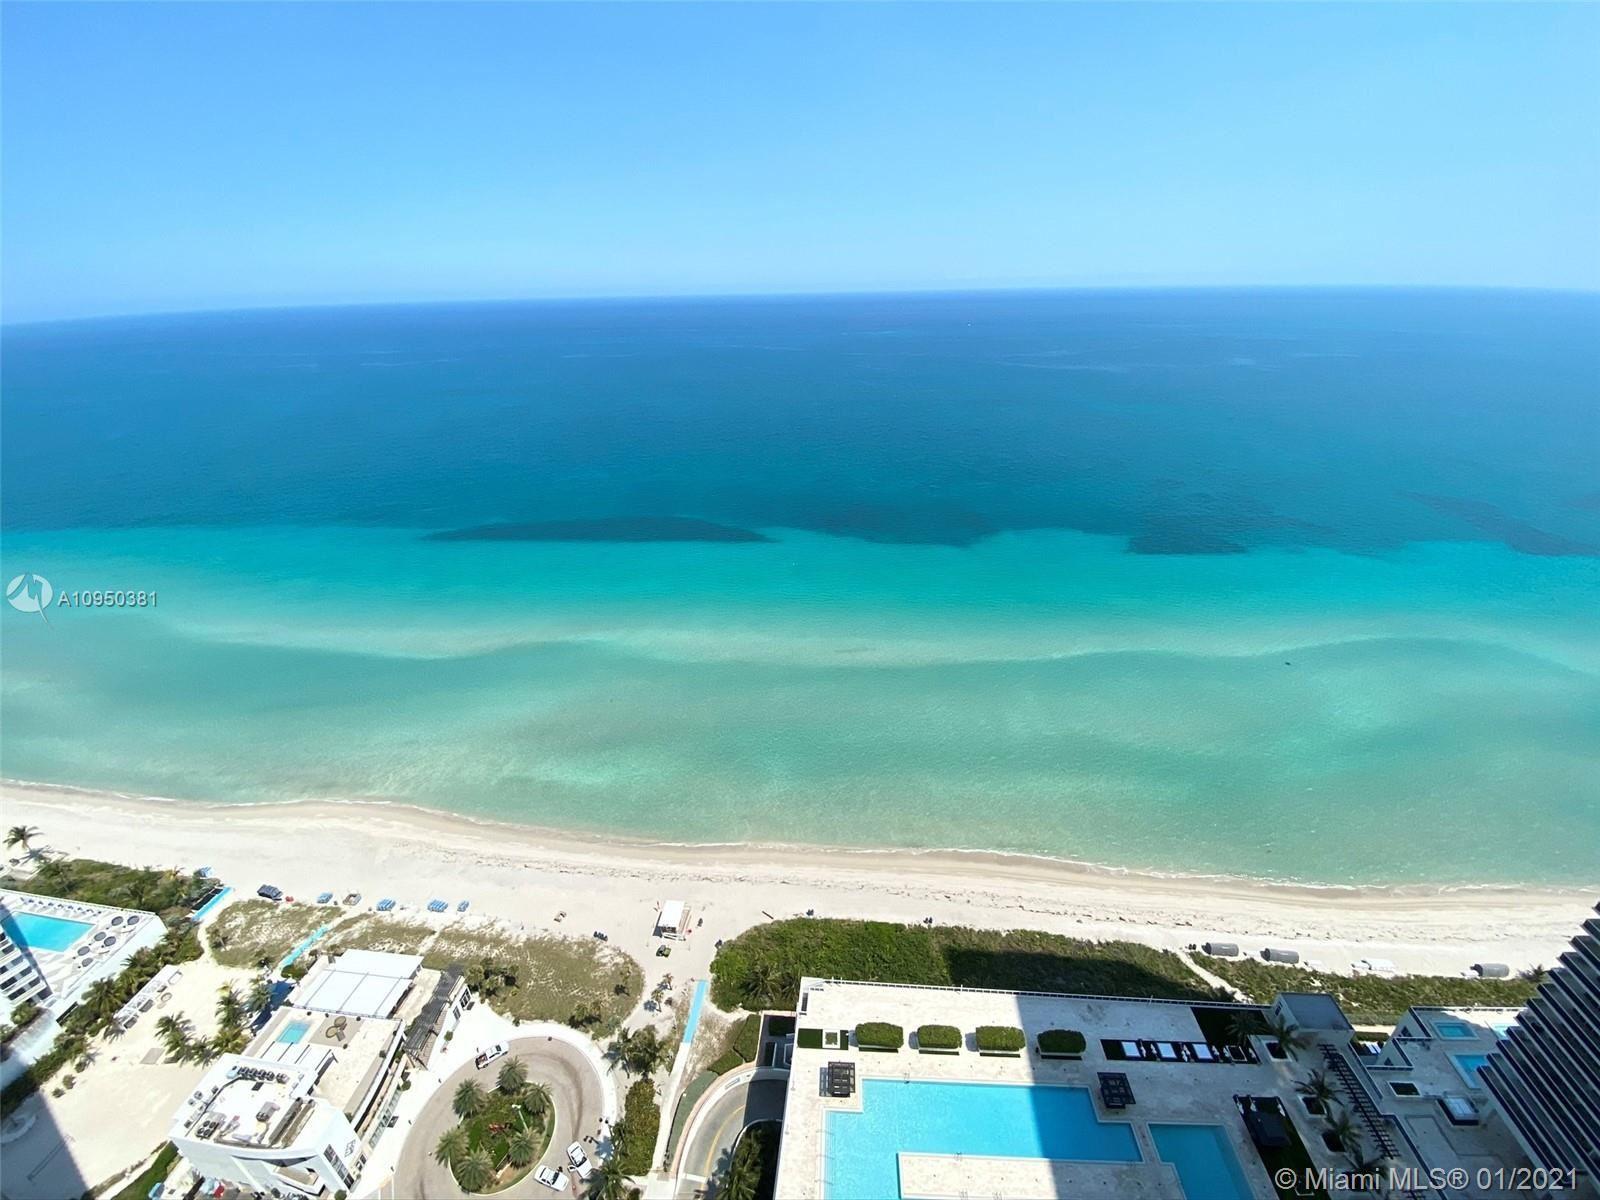 1800 S Ocean Dr #4401, Hallandale Beach, FL 33009 - #: A10950381